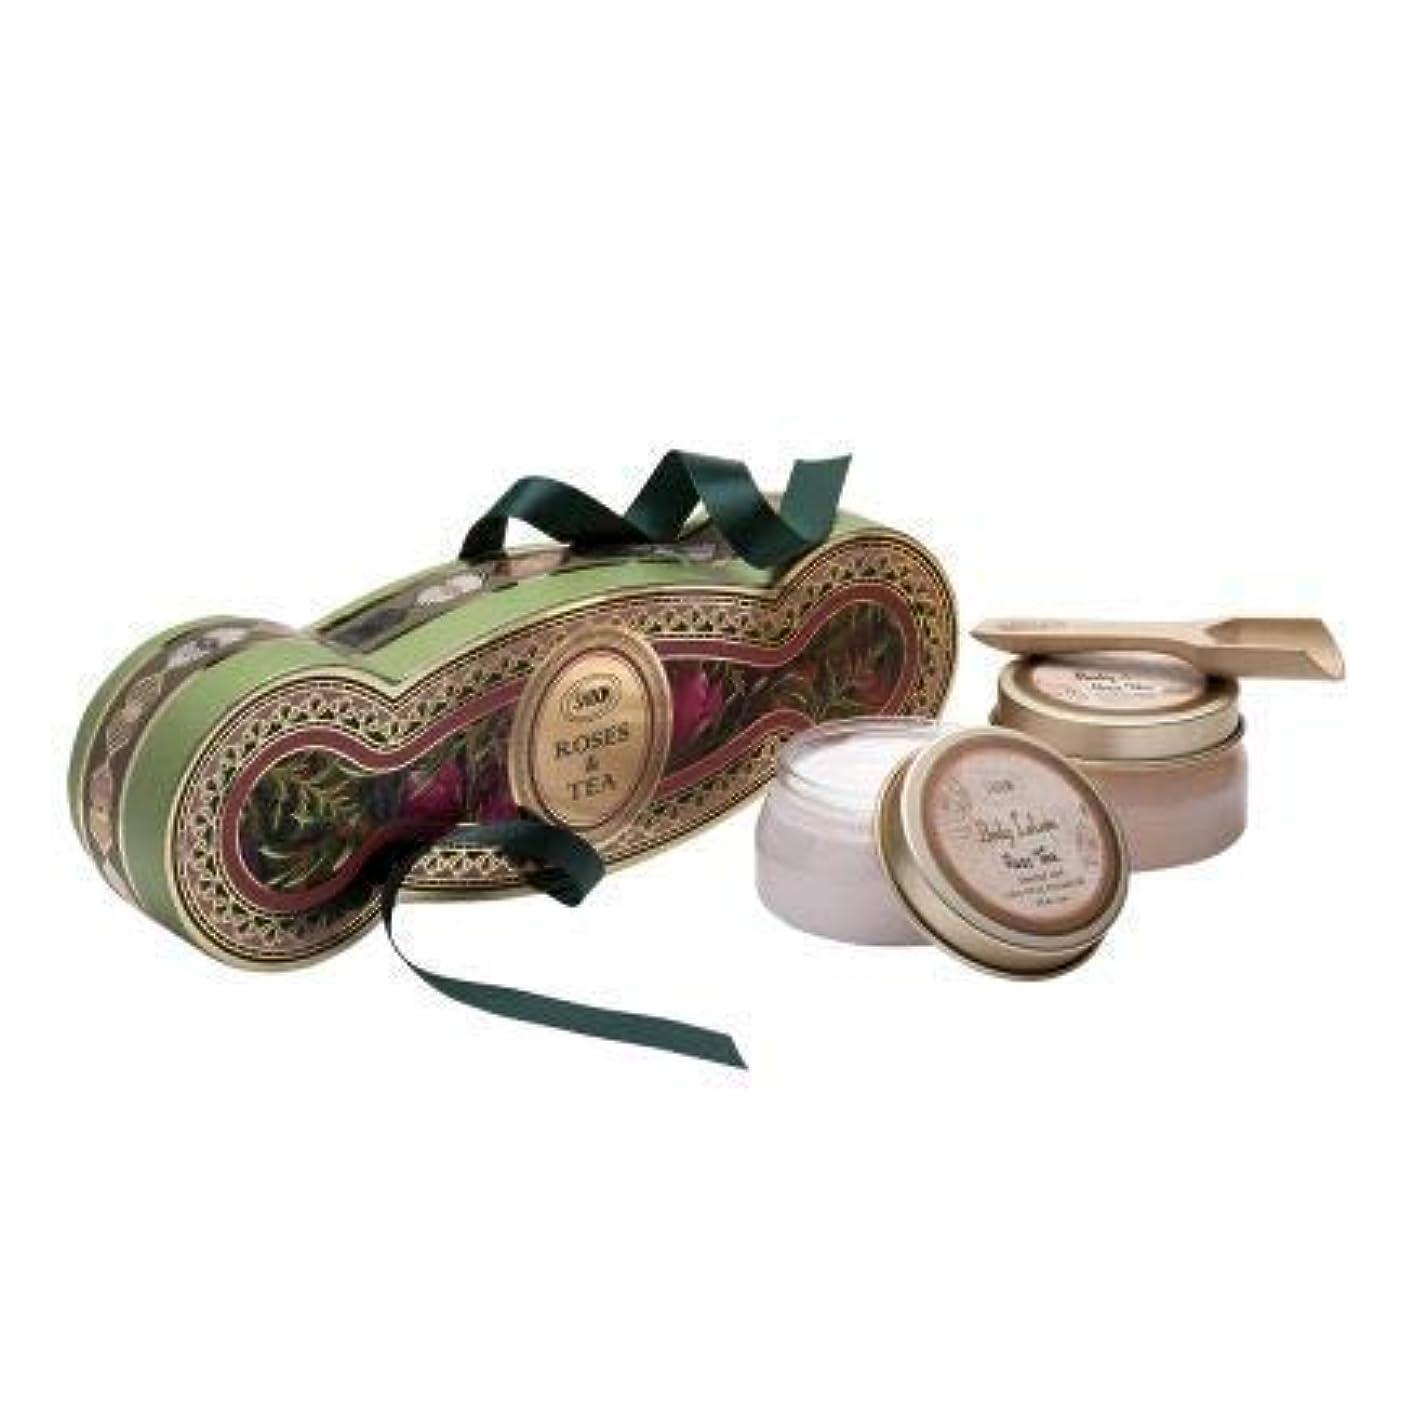 批判クスクス感覚サボン コフレ ギフト ローズティー キット ボディスクラブ ボディローション ホワイトデー SABON Rose Tea kit コレクション